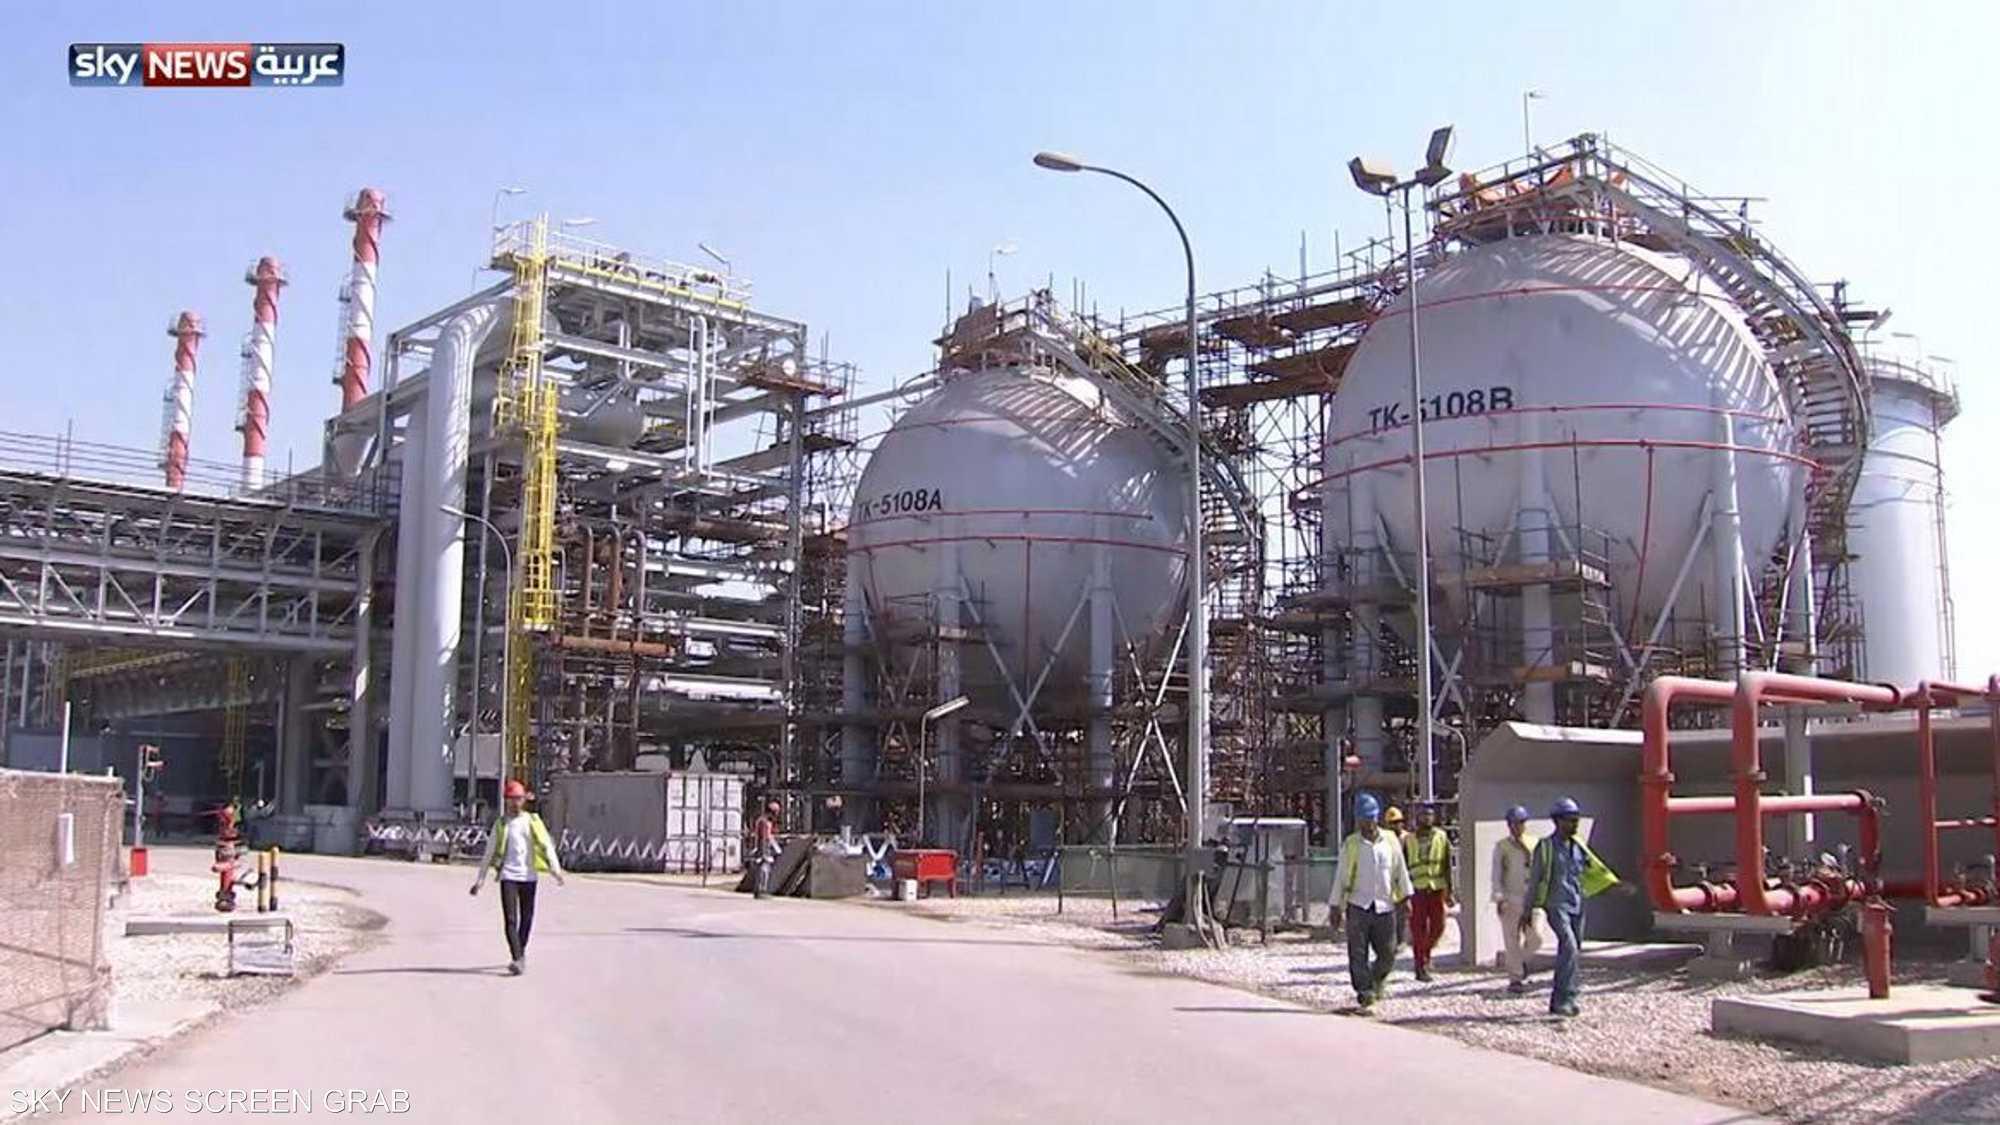 مصر تسعى لجذب المزيد من الاستثمارات بقطاعي النفط والغاز